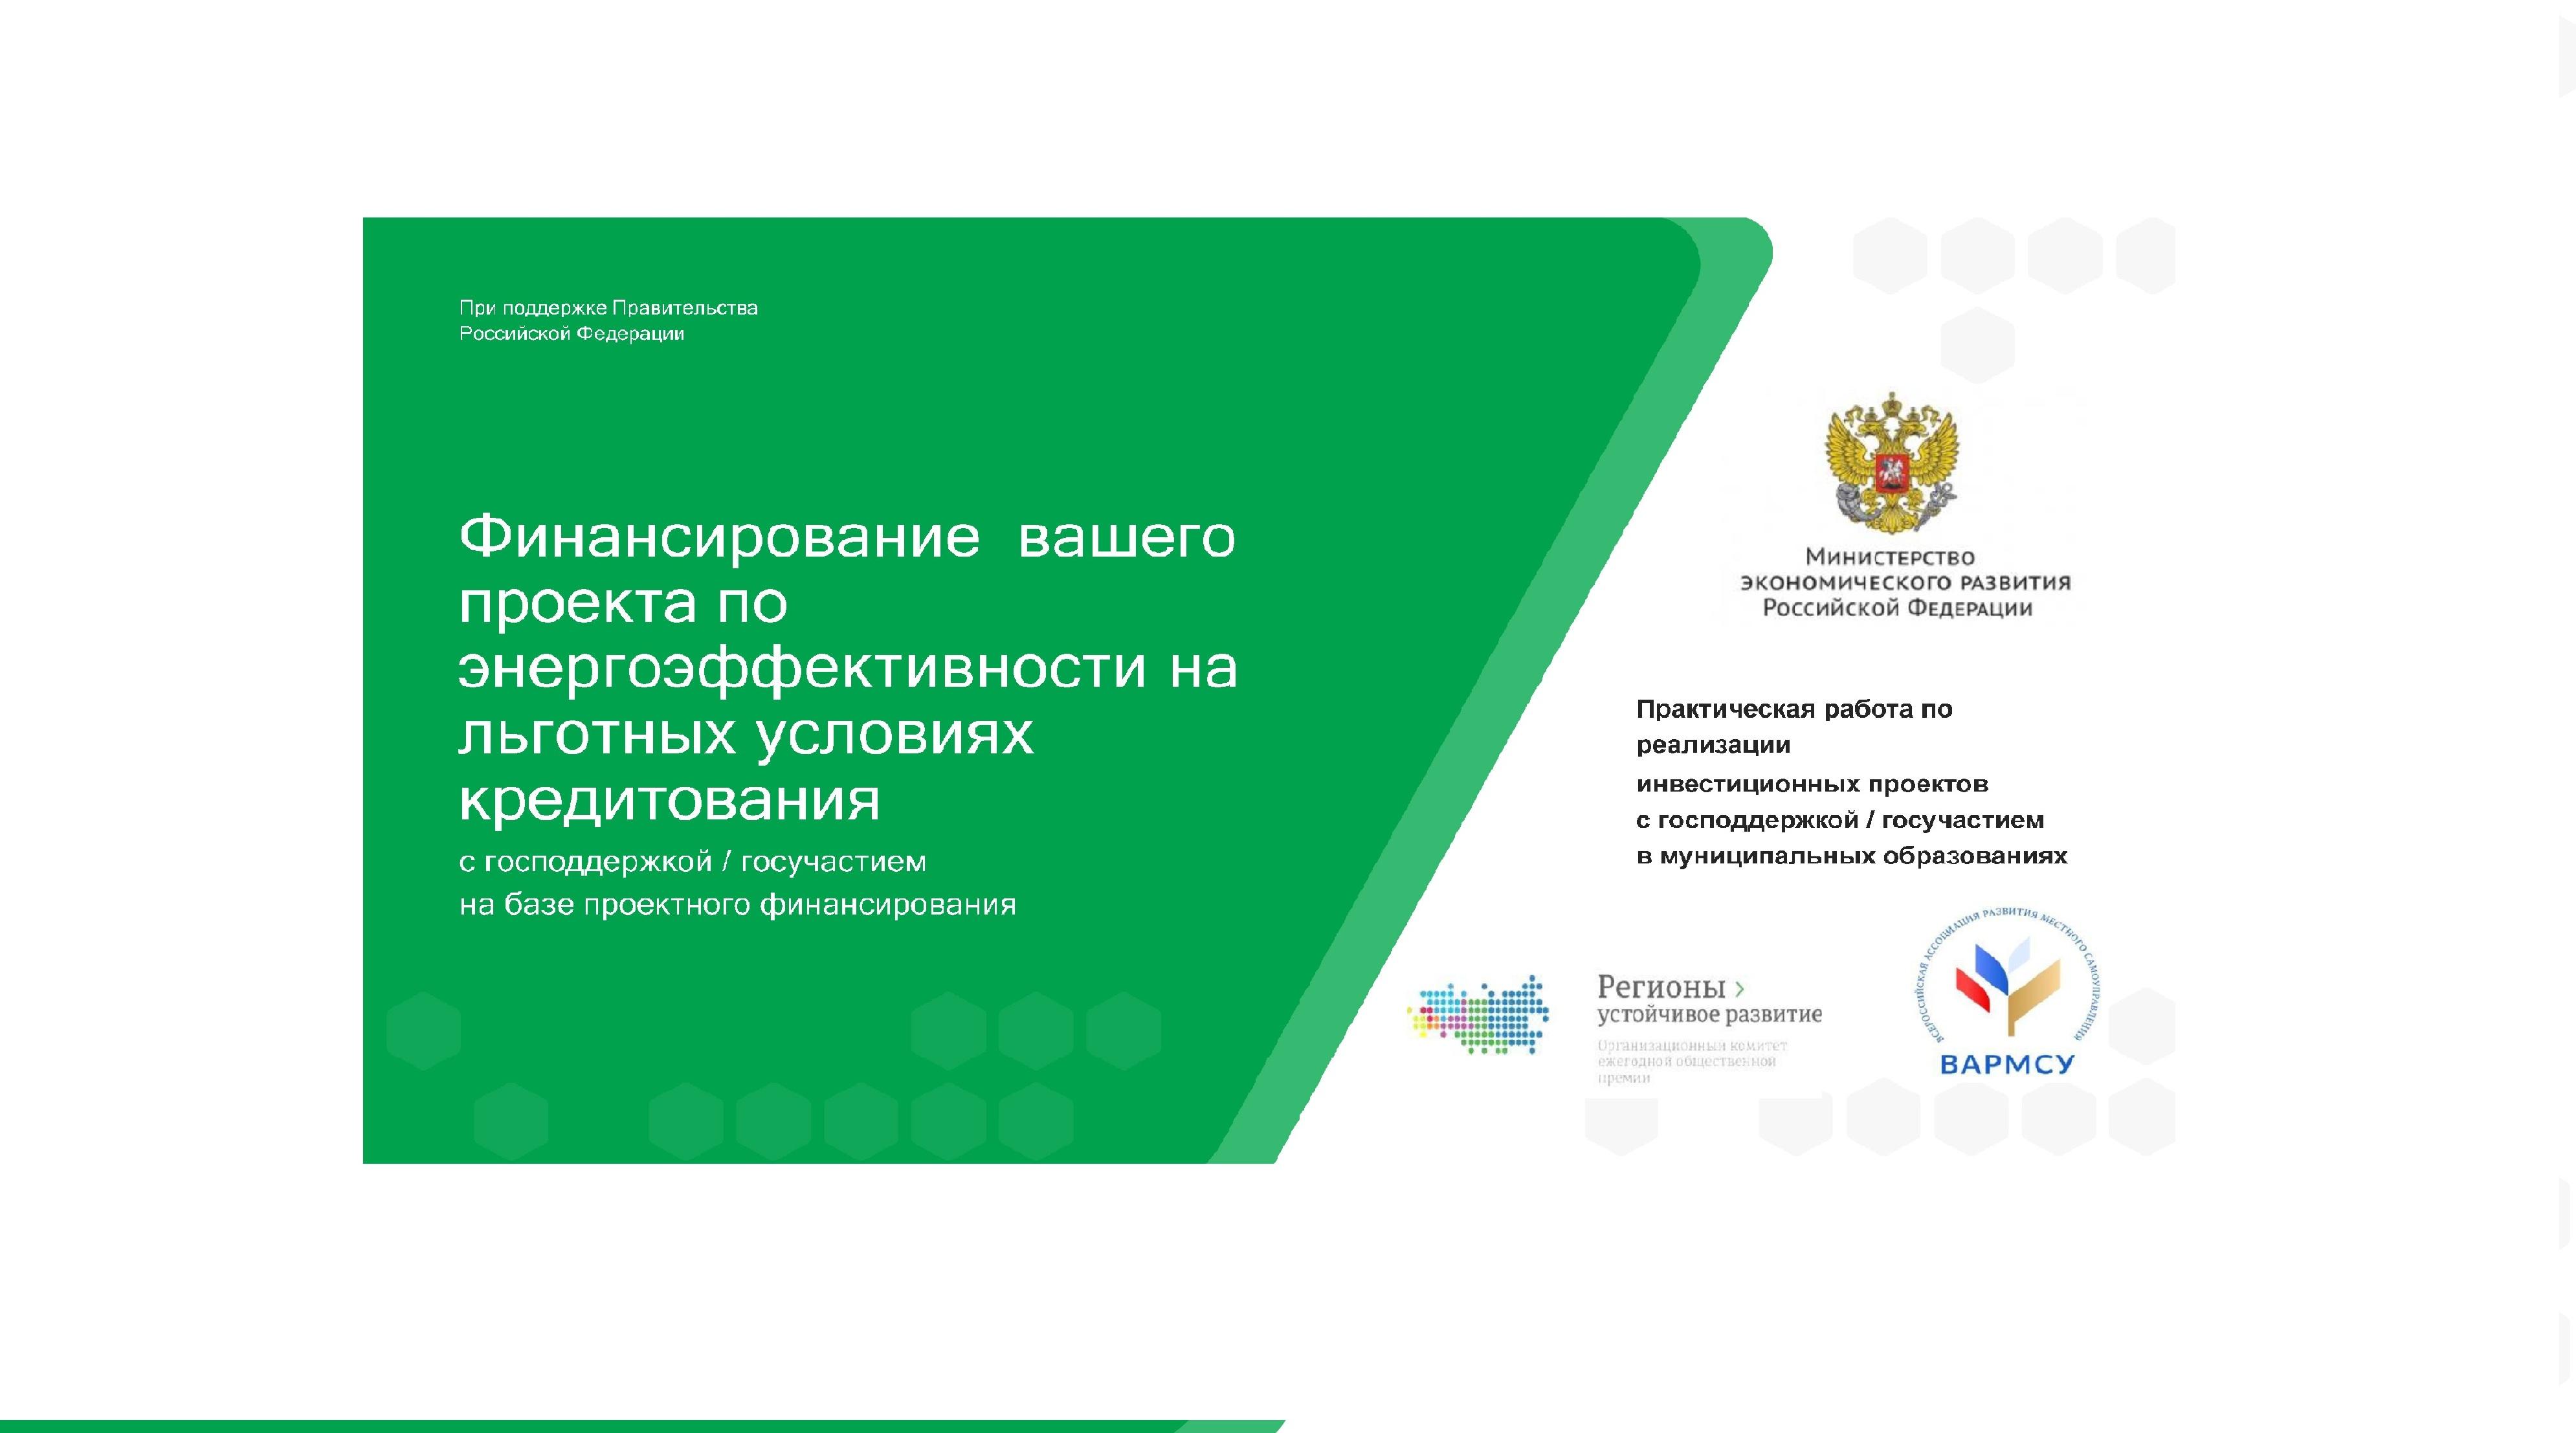 Представители муниципальных и коммерческих предприятий проходят обучение по повышению энергоэффективности